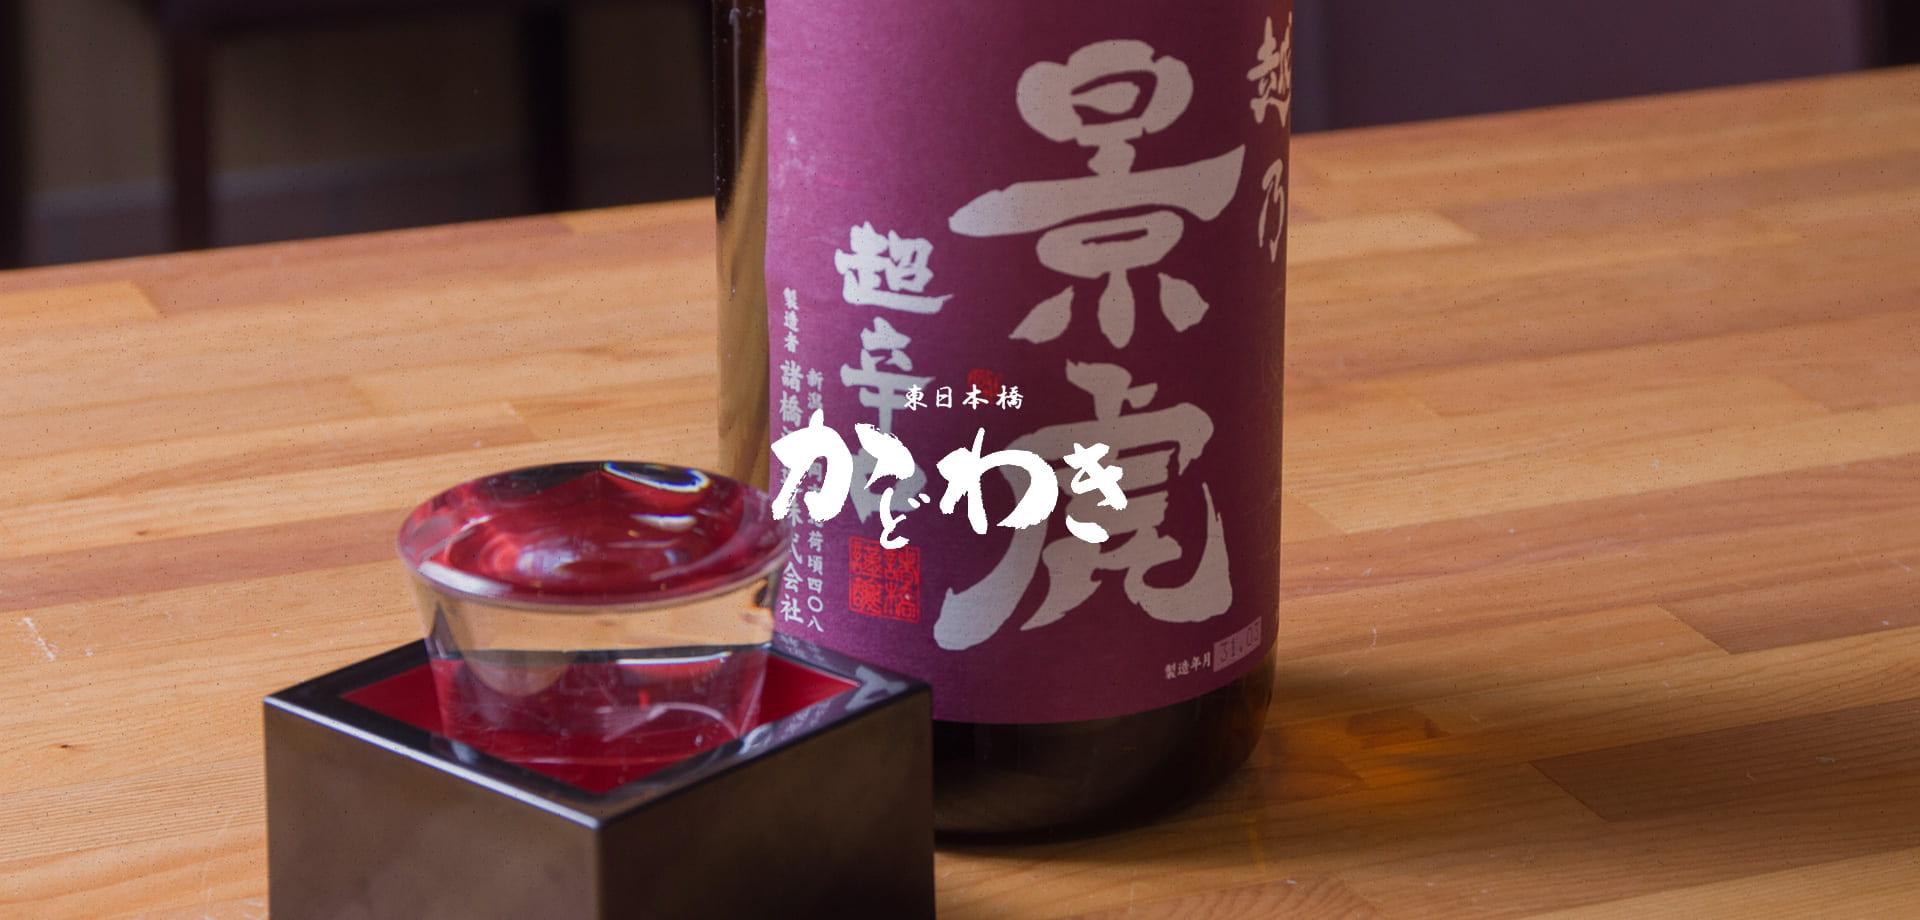 東日本橋かどわきお酒